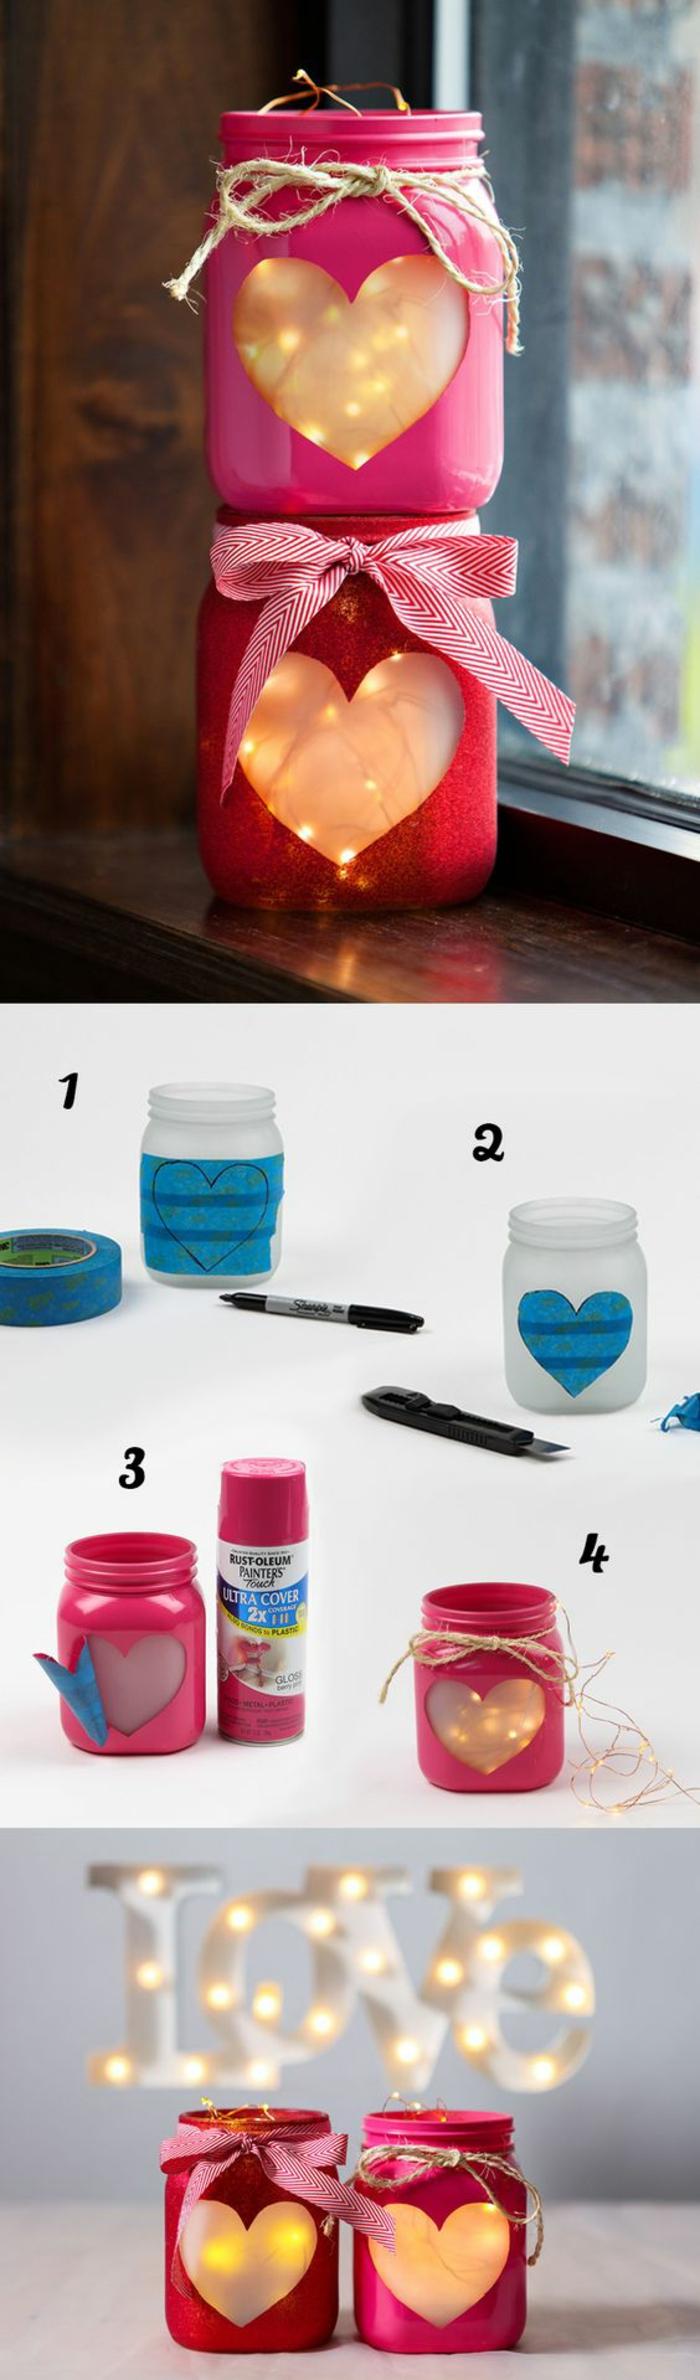 bricolage de noel avec deux pots de confiture de taille moyenne, décorés de grands cœurs devant, pour y mettre des bougies ou des guirlandes